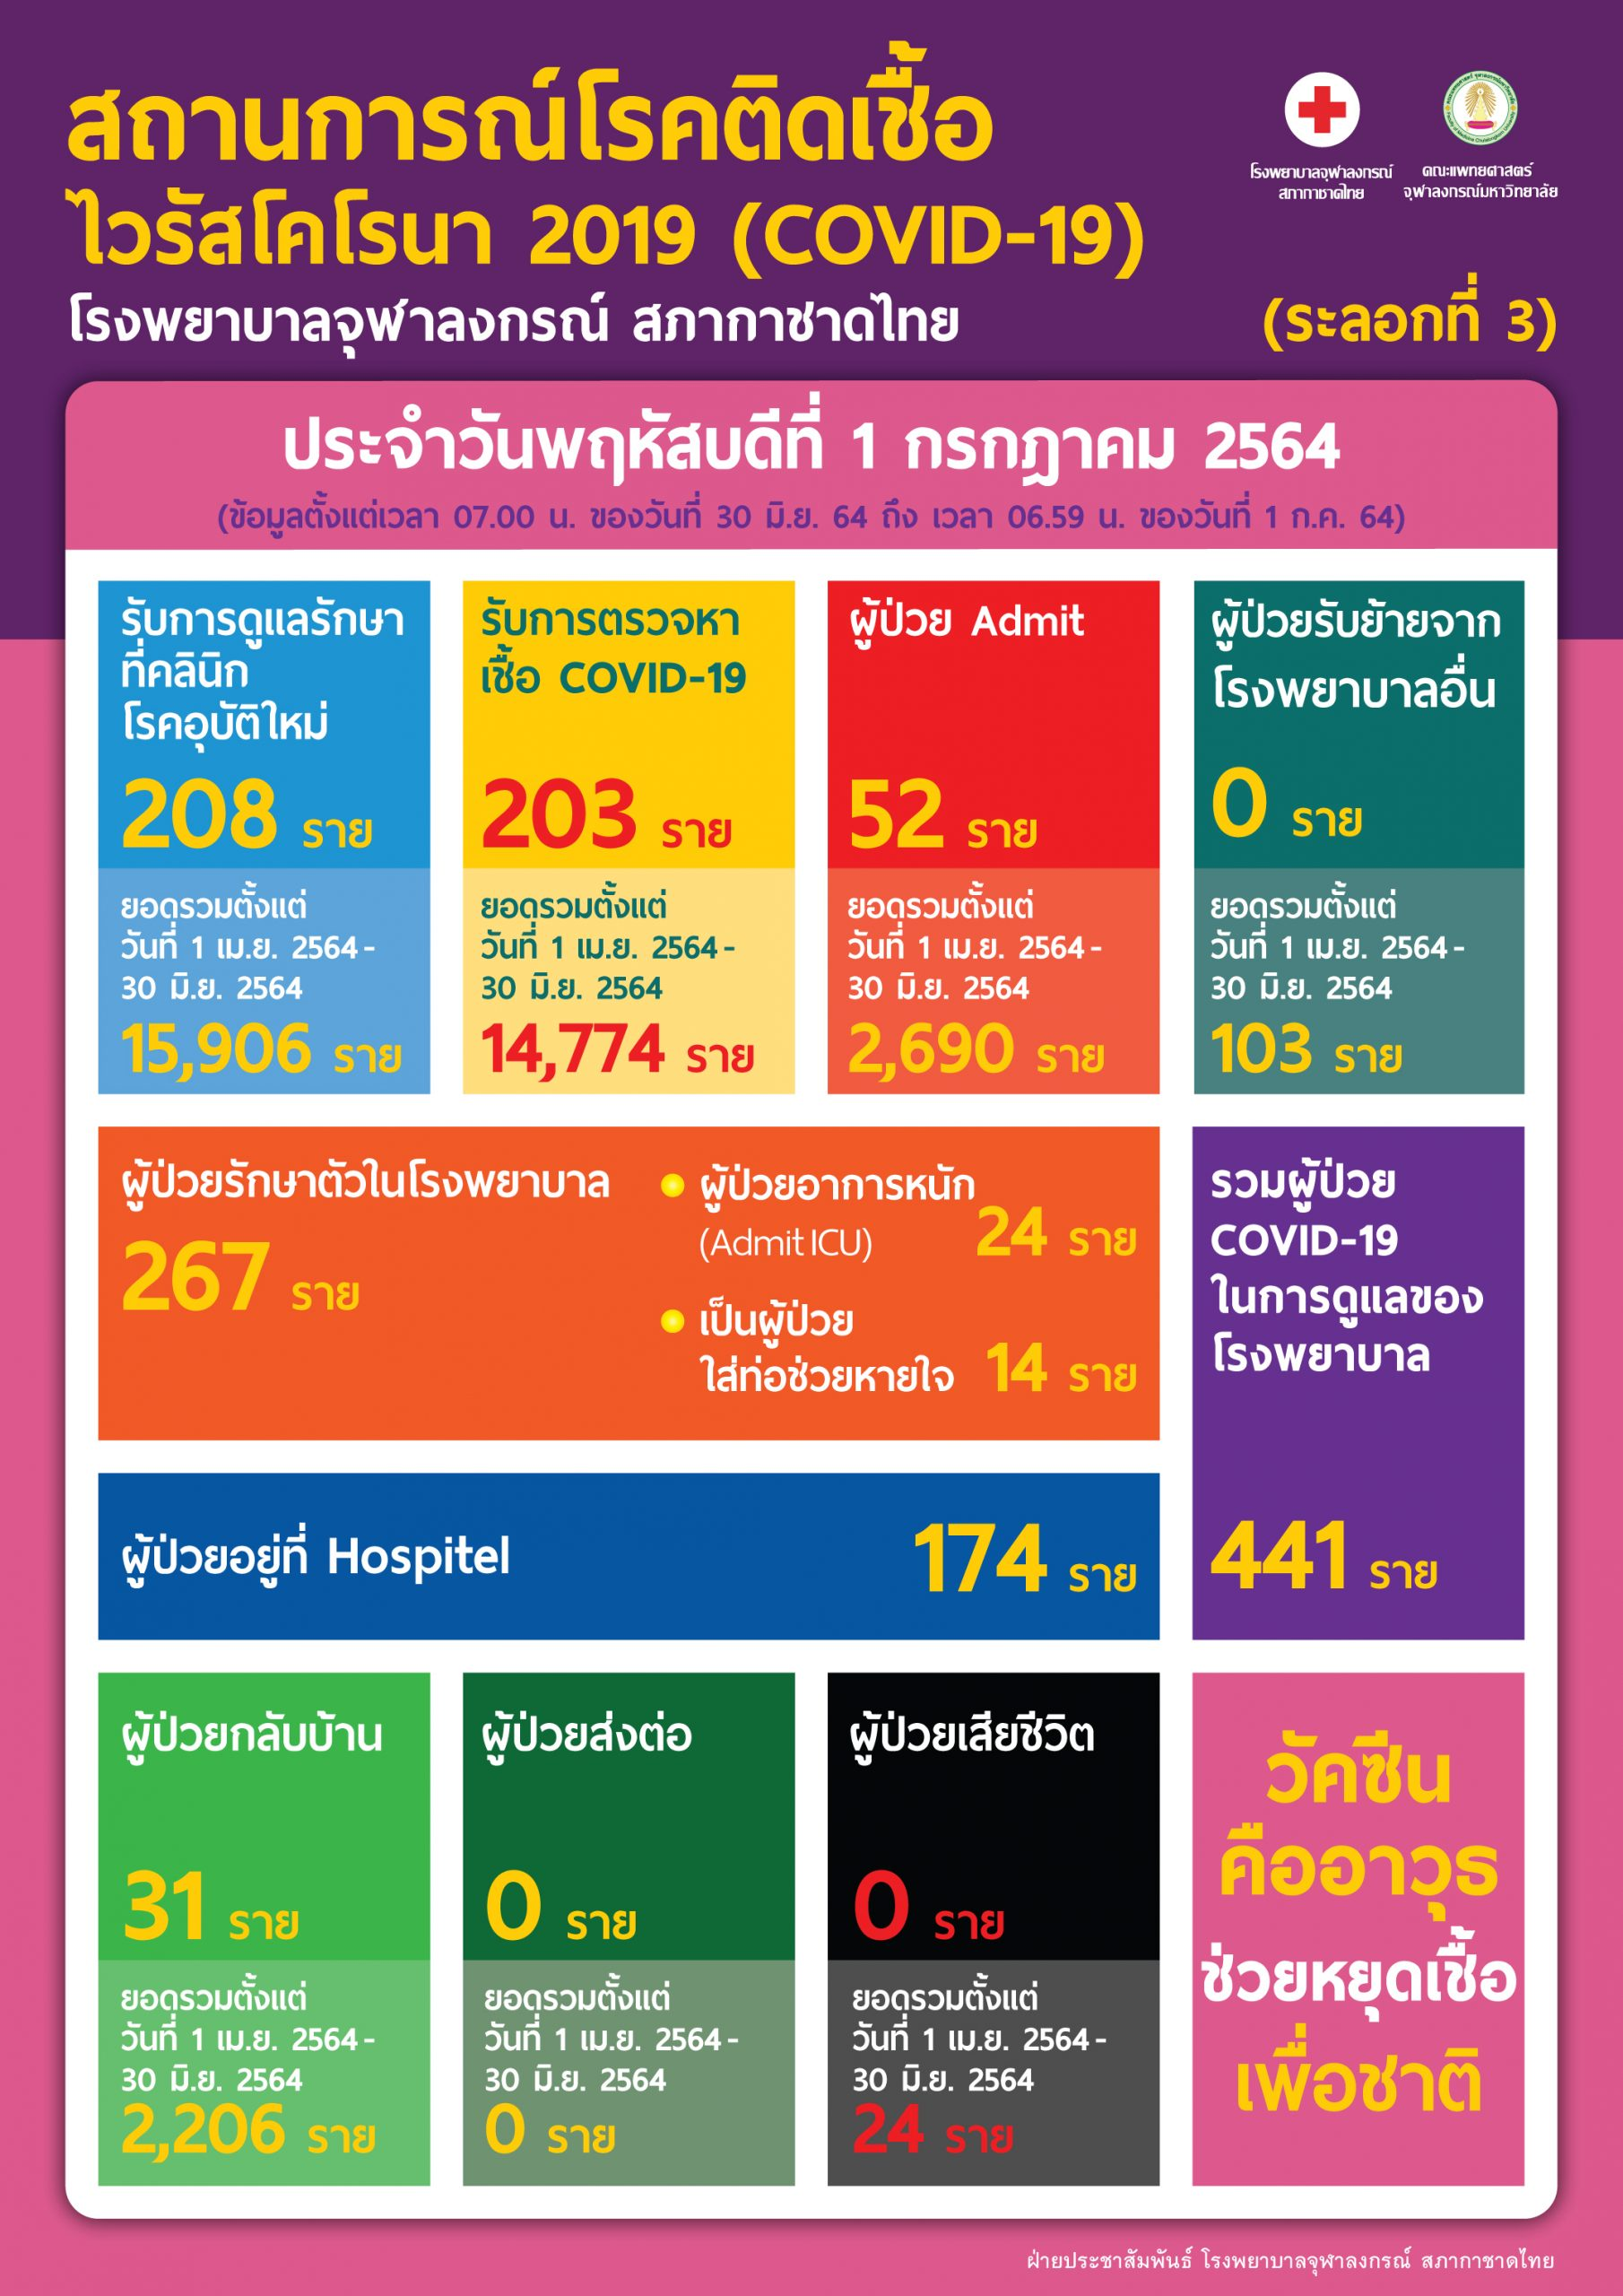 สถานการณ์โรคติดเชื้อไวรัสโคโรนา 2019 (COVID-19) (ระลอกที่ 3) โรงพยาบาลจุฬาลงกรณ์ สภากาชาดไทย ประจำวันพฤหัสบดีที่ 1 กรกฎาคม 2564